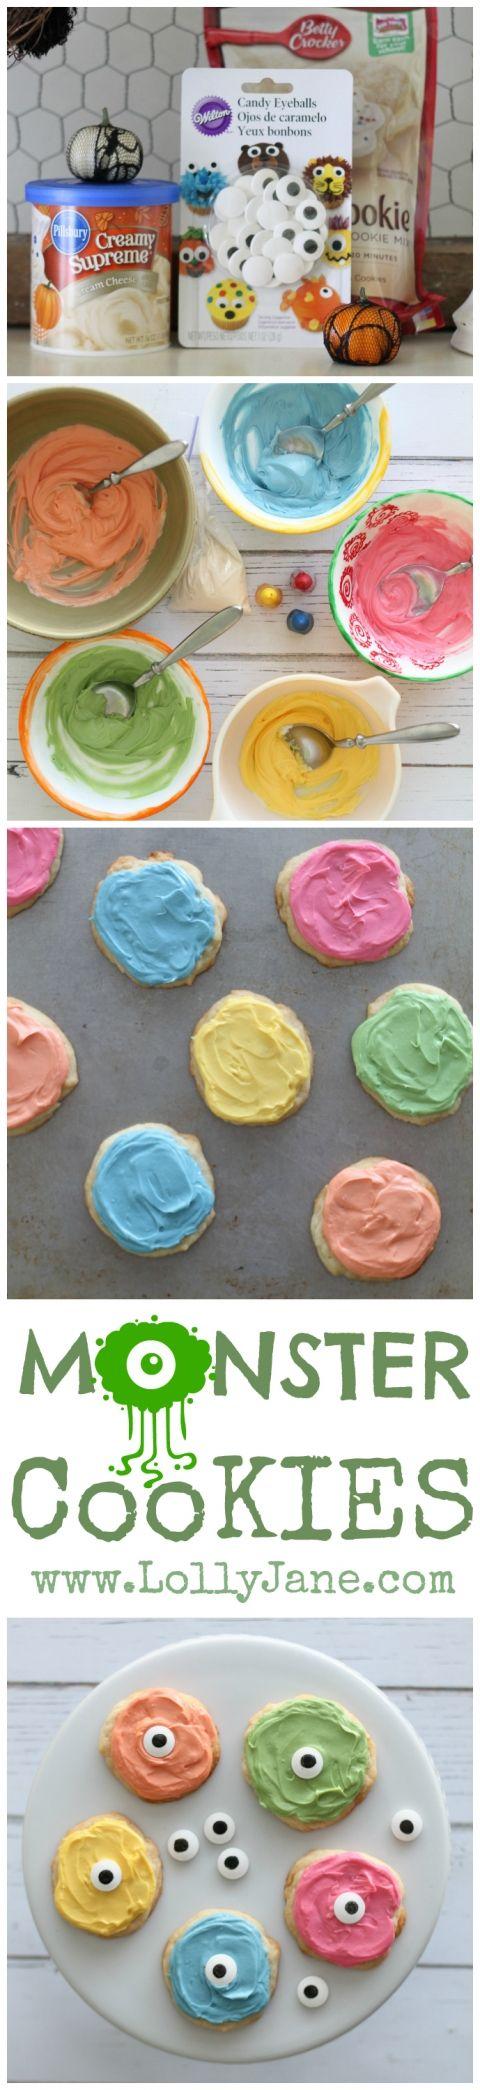 Easy monster cookies!